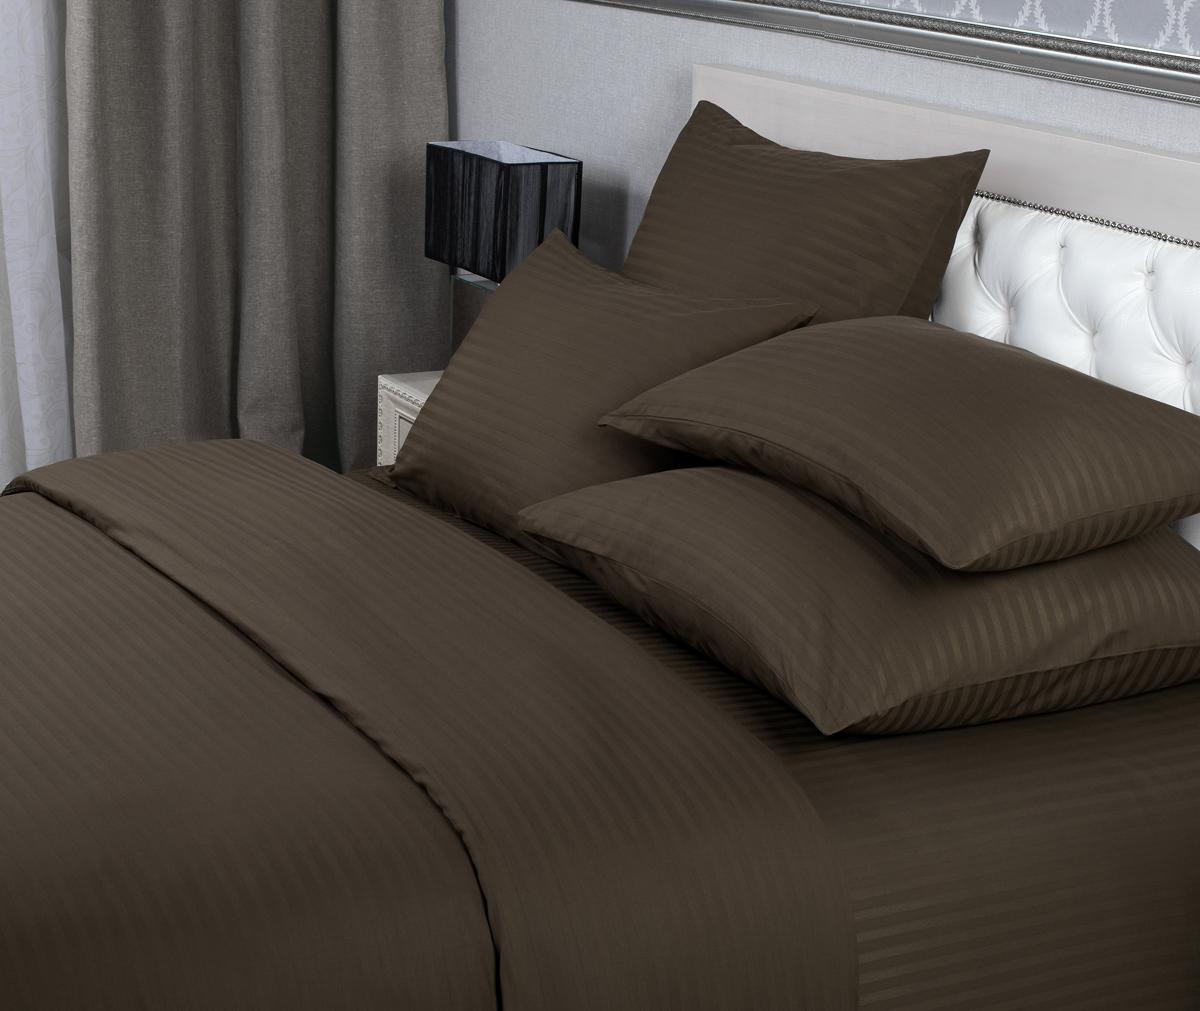 Комплект белья Verossa, 1,5-спальный, наволочки 70х70 см, цвет: шоколадный718972Verossa - торговая марка крупнейшего российского производителя Нордтекс, относится к высокому ценовому сегменту. Комплект белья Verossa отличается высочайшим качеством и натуральными материалами. Идеальные дизайнерские решения создают стиль и уют в вашей квартире.